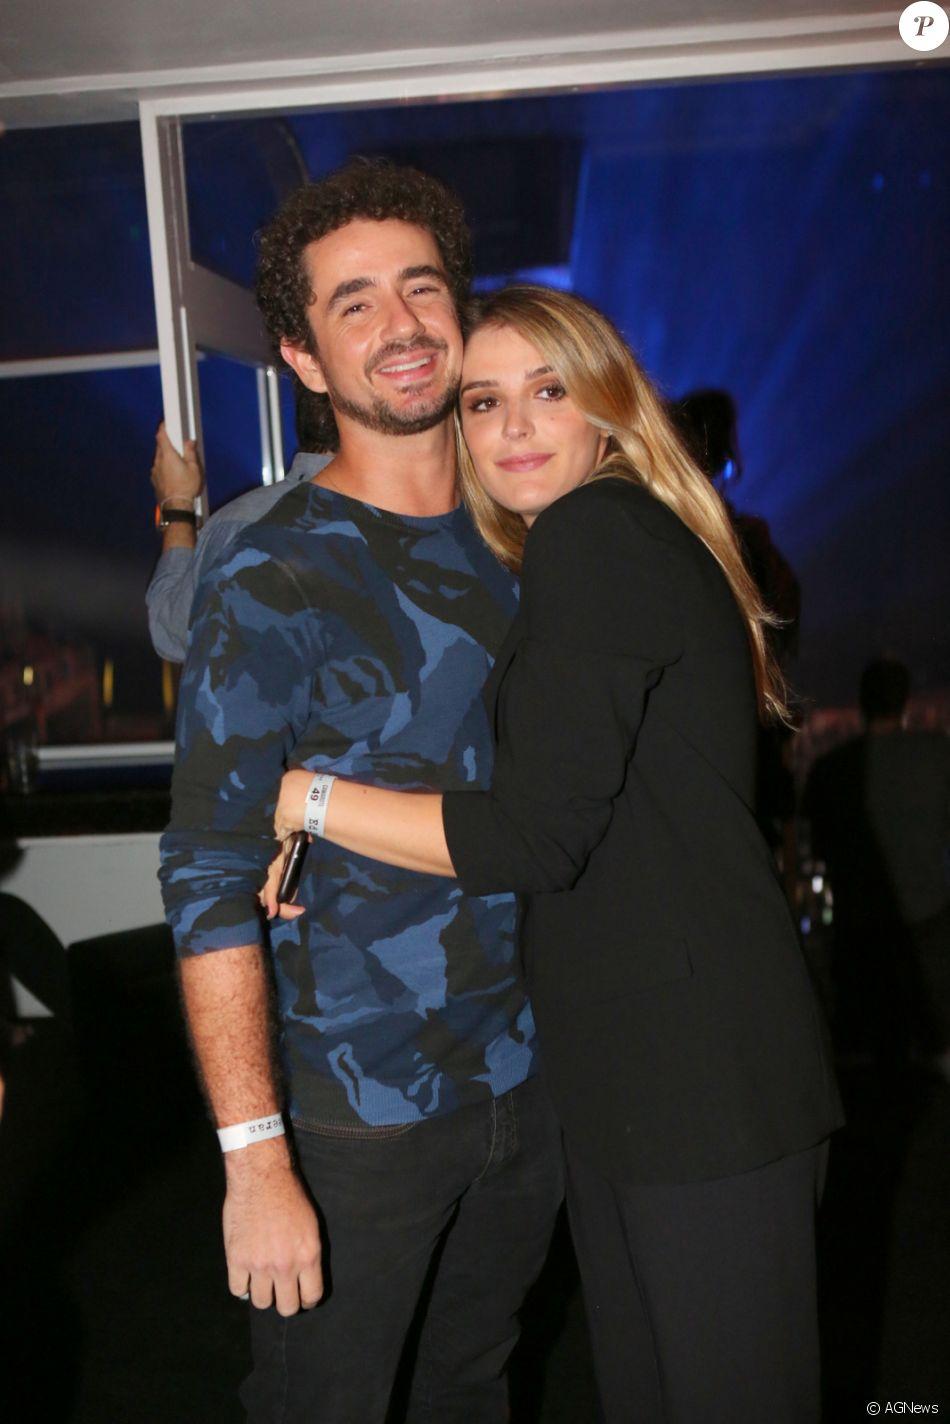 Rafa Brites e Felipe Andreoli estão completando 6 anos de casamento neste sábado, 11 de novembro de 2017